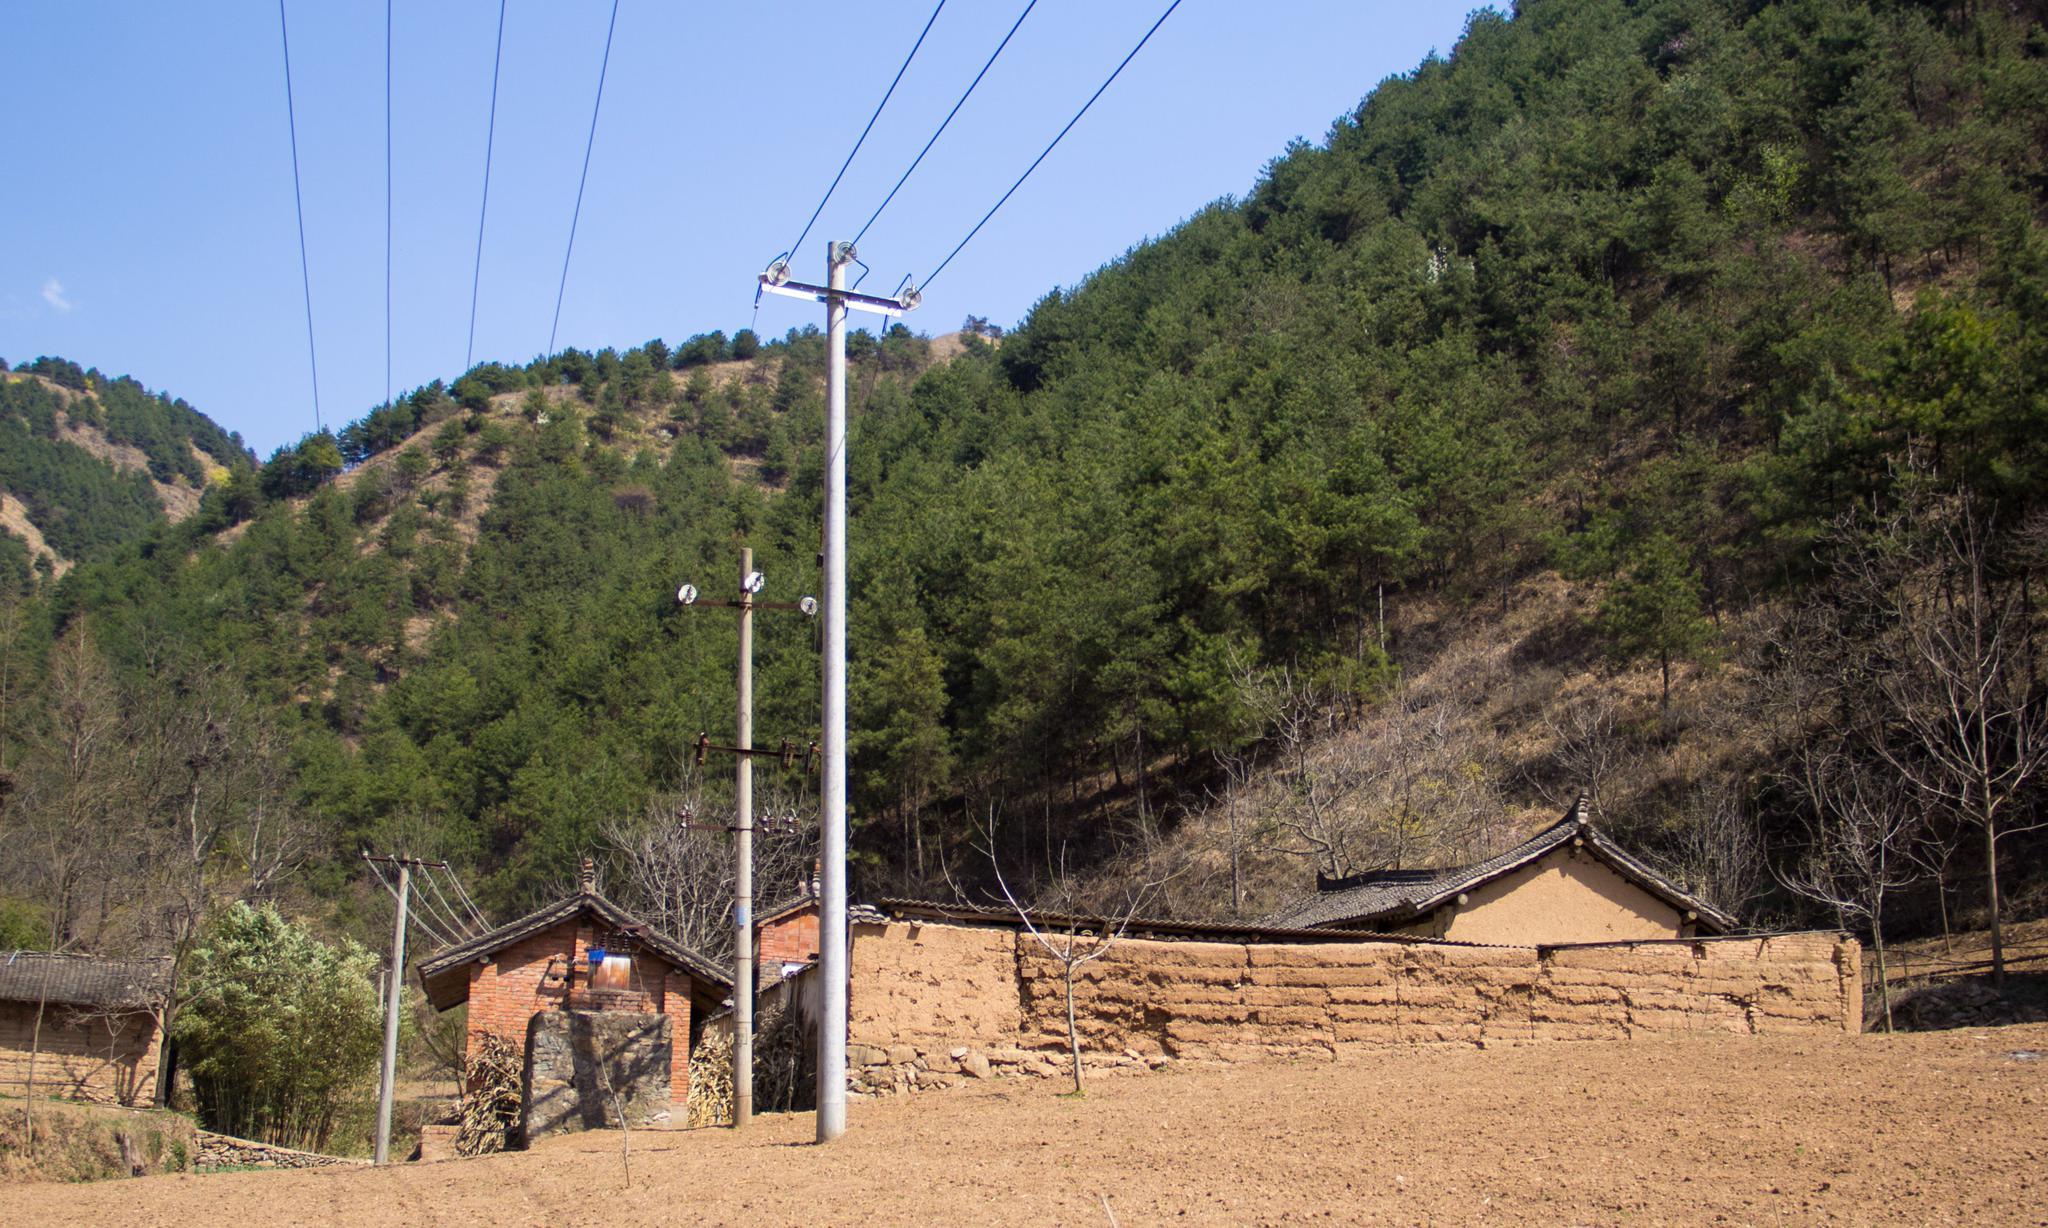 行走秦岭:在山中很少见到大宅院,更鲜见这种有围墙的老房子